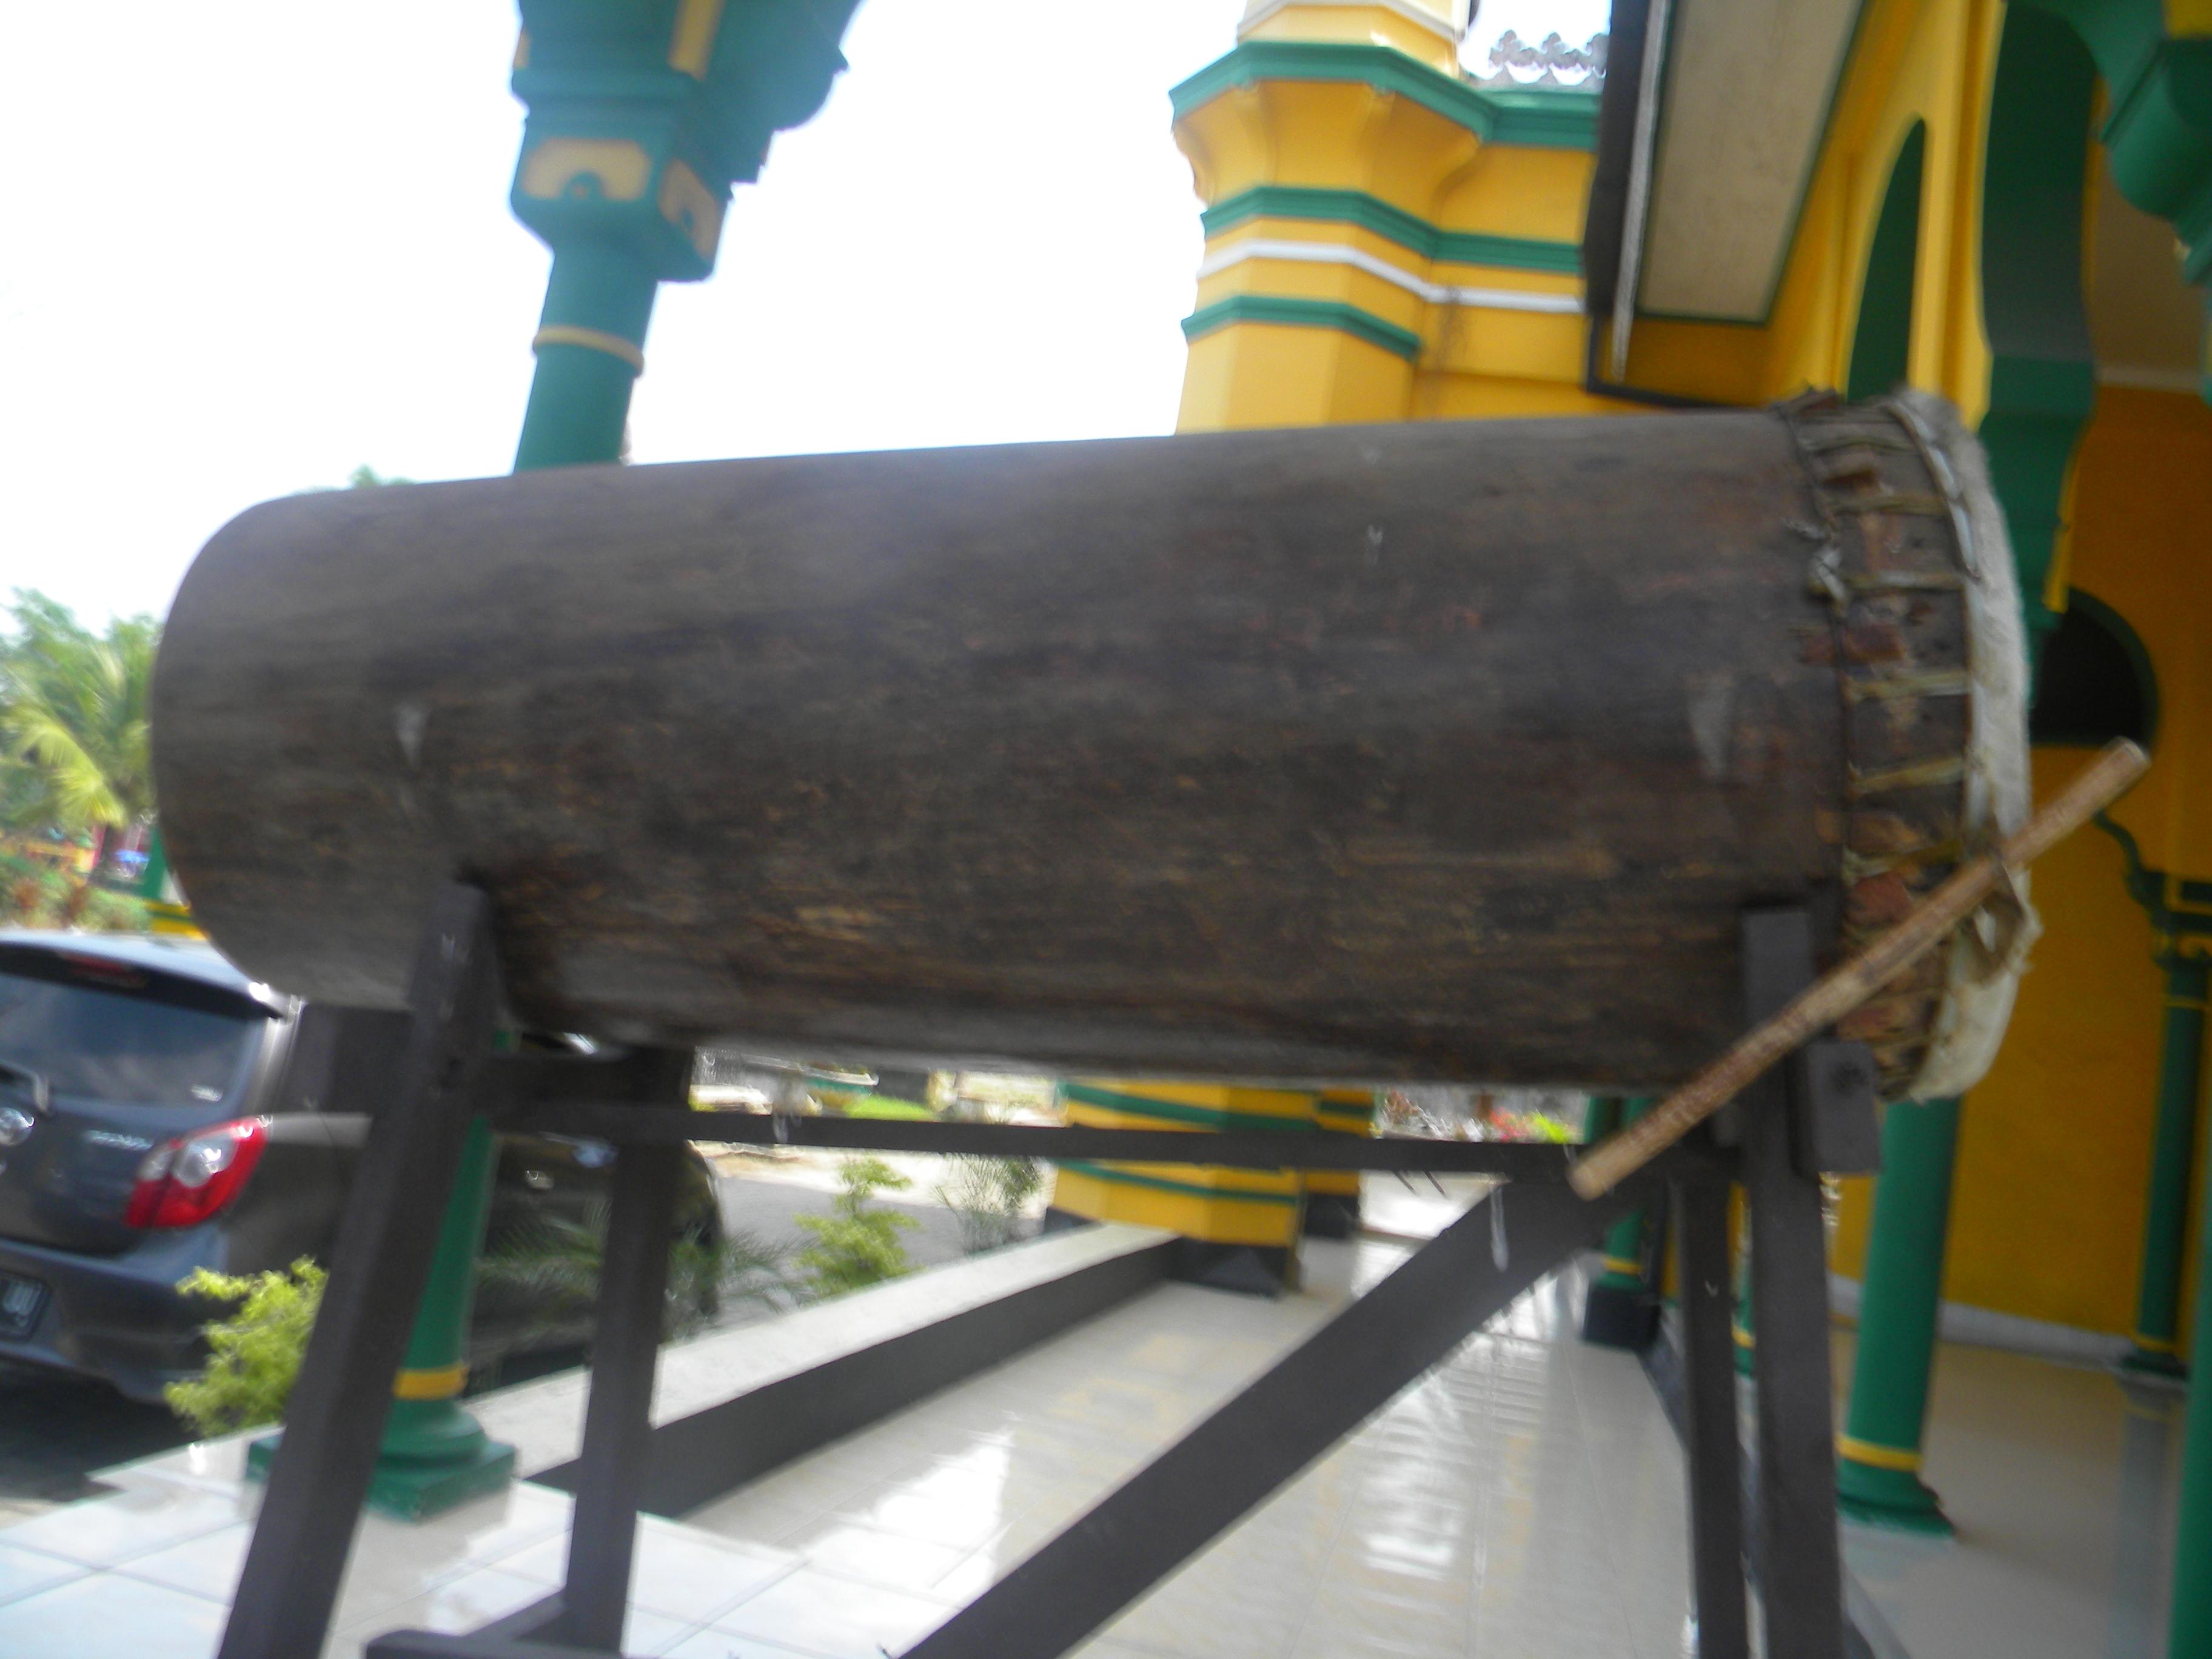 Beduk Masjid Al Osmani Kecamatan Medan Labuhan Kota Provinsisumatera Utara